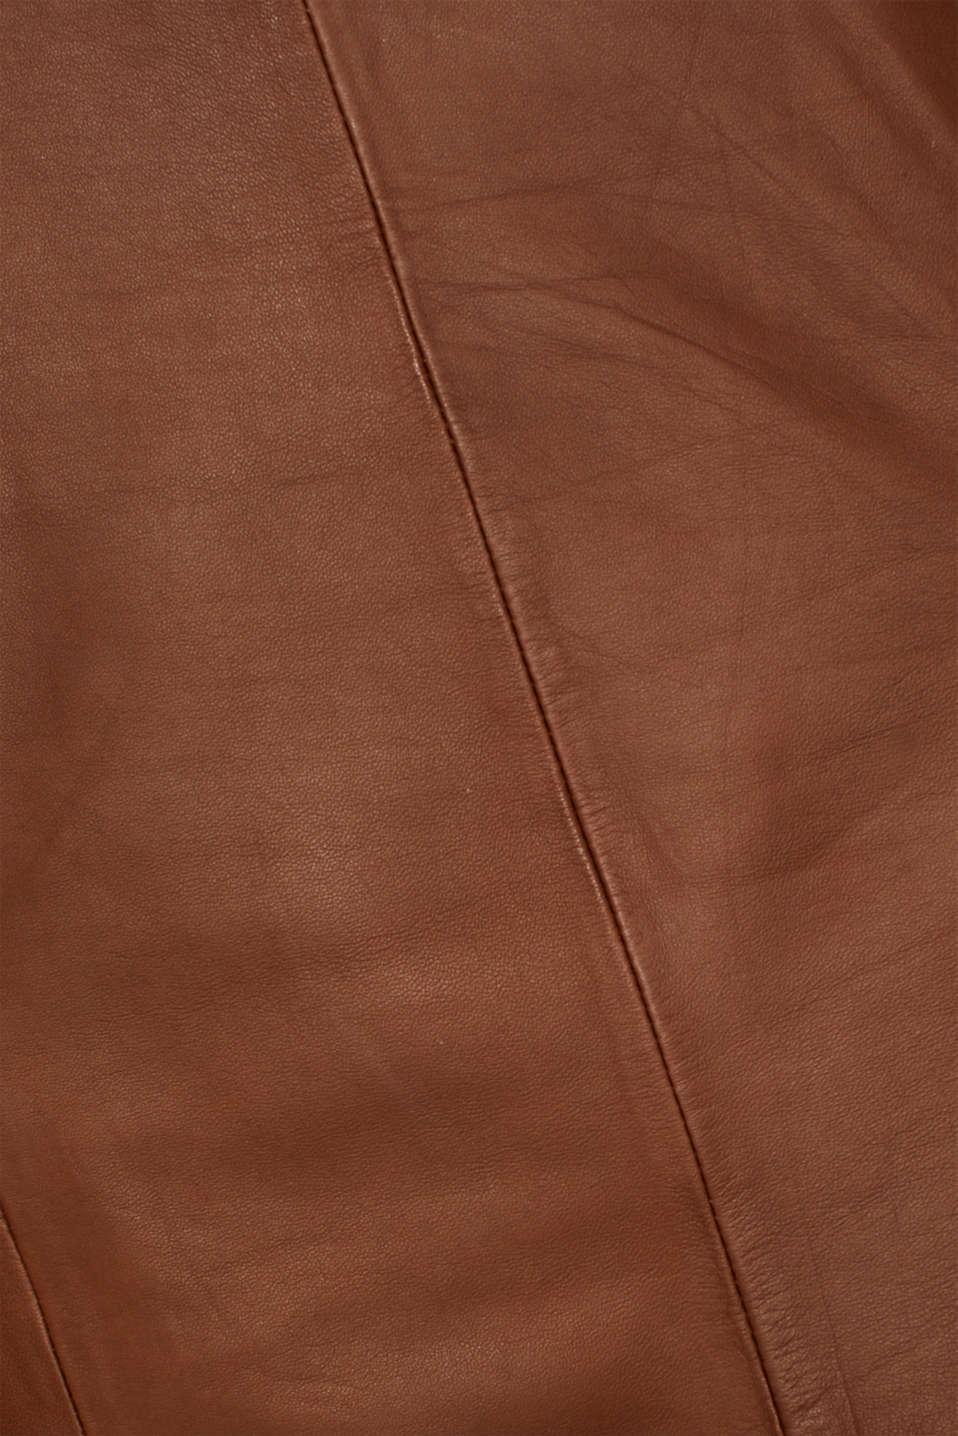 Dresses leather, CARAMEL, detail image number 4